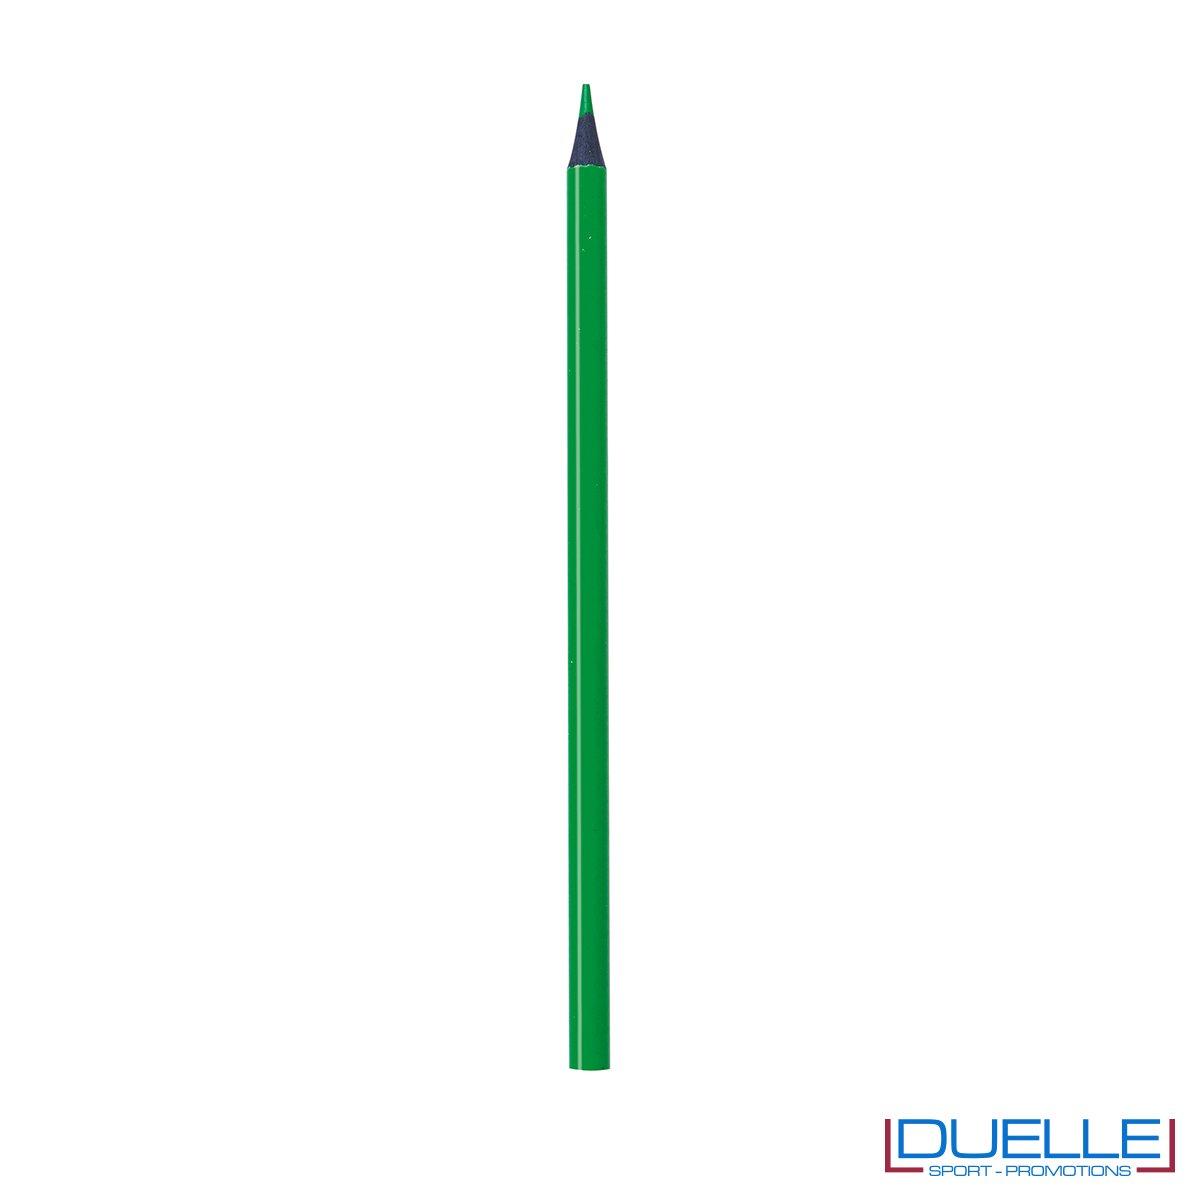 matita personalizzabile verde con mina evidenziatore, gadget legno, gadget ufficio